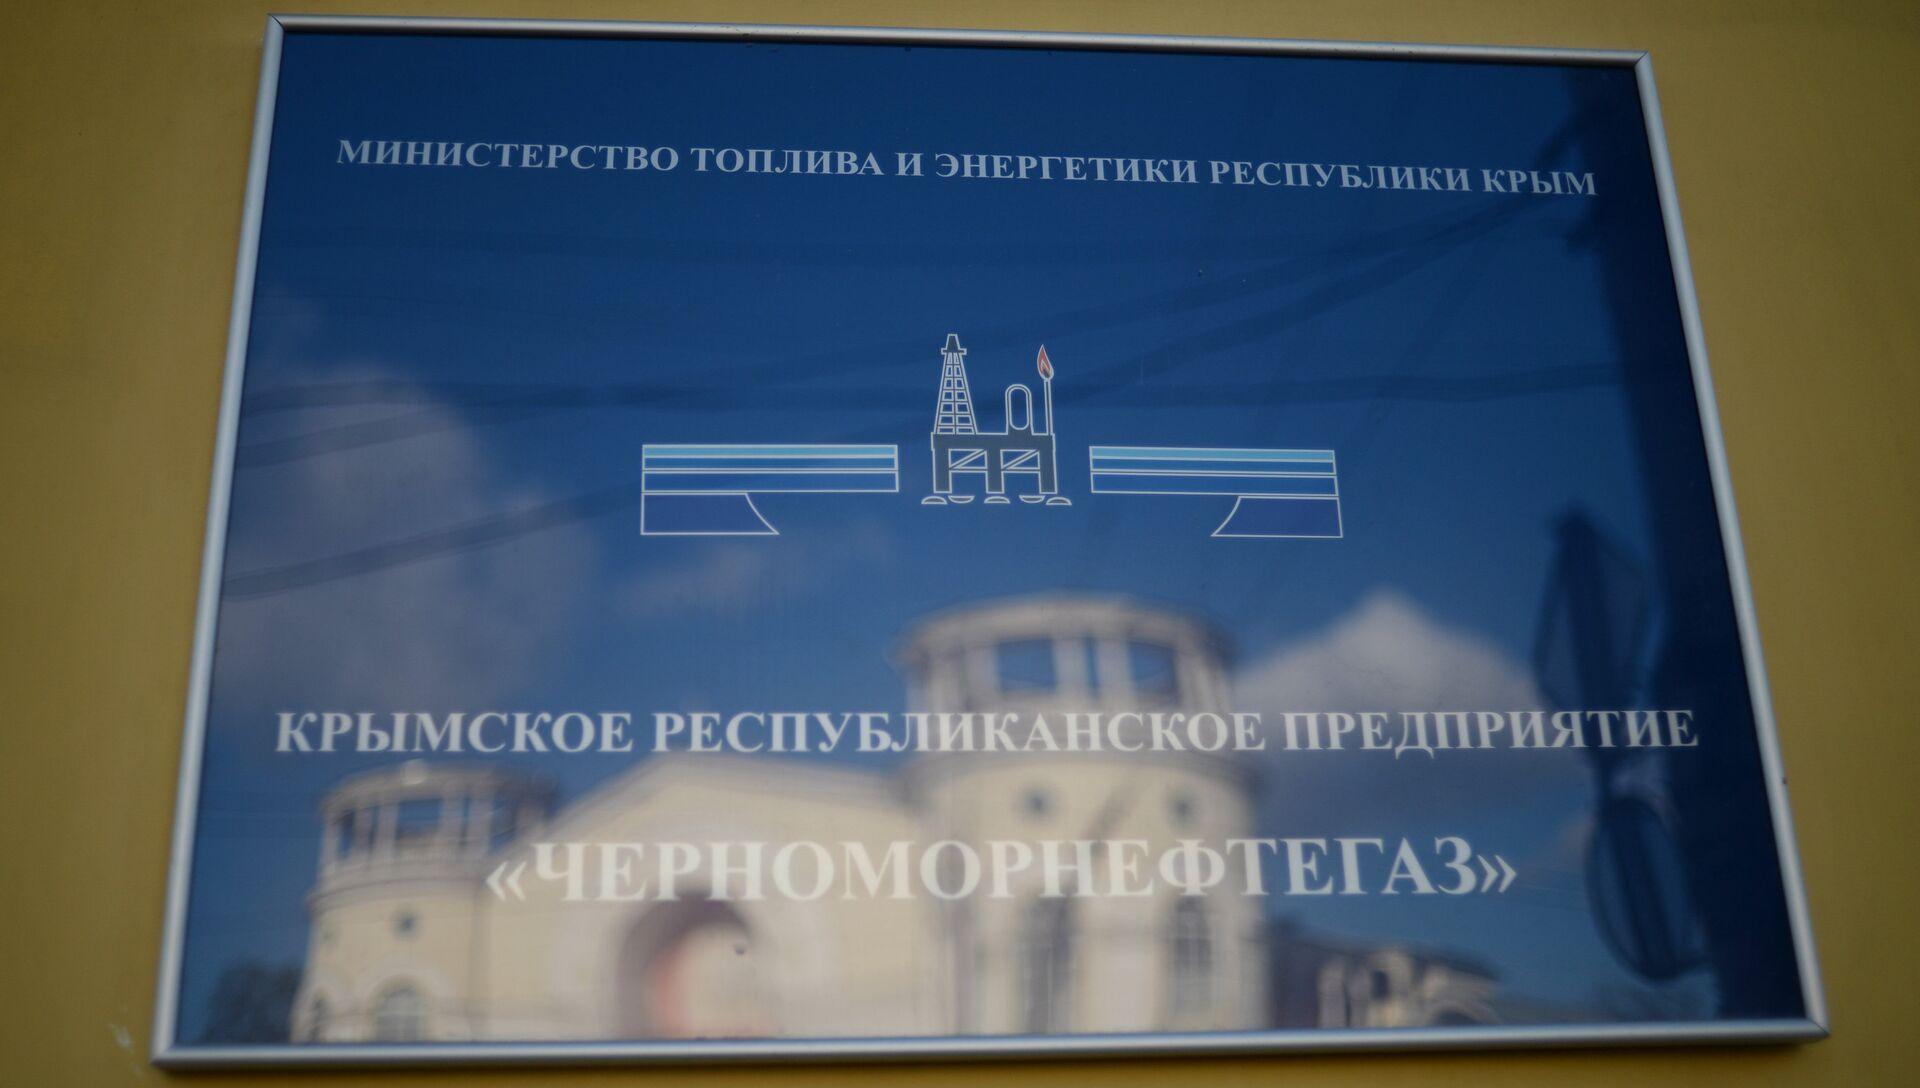 Офис компании Черноморнефтегаз в Симферополе - РИА Новости, 1920, 15.06.2021